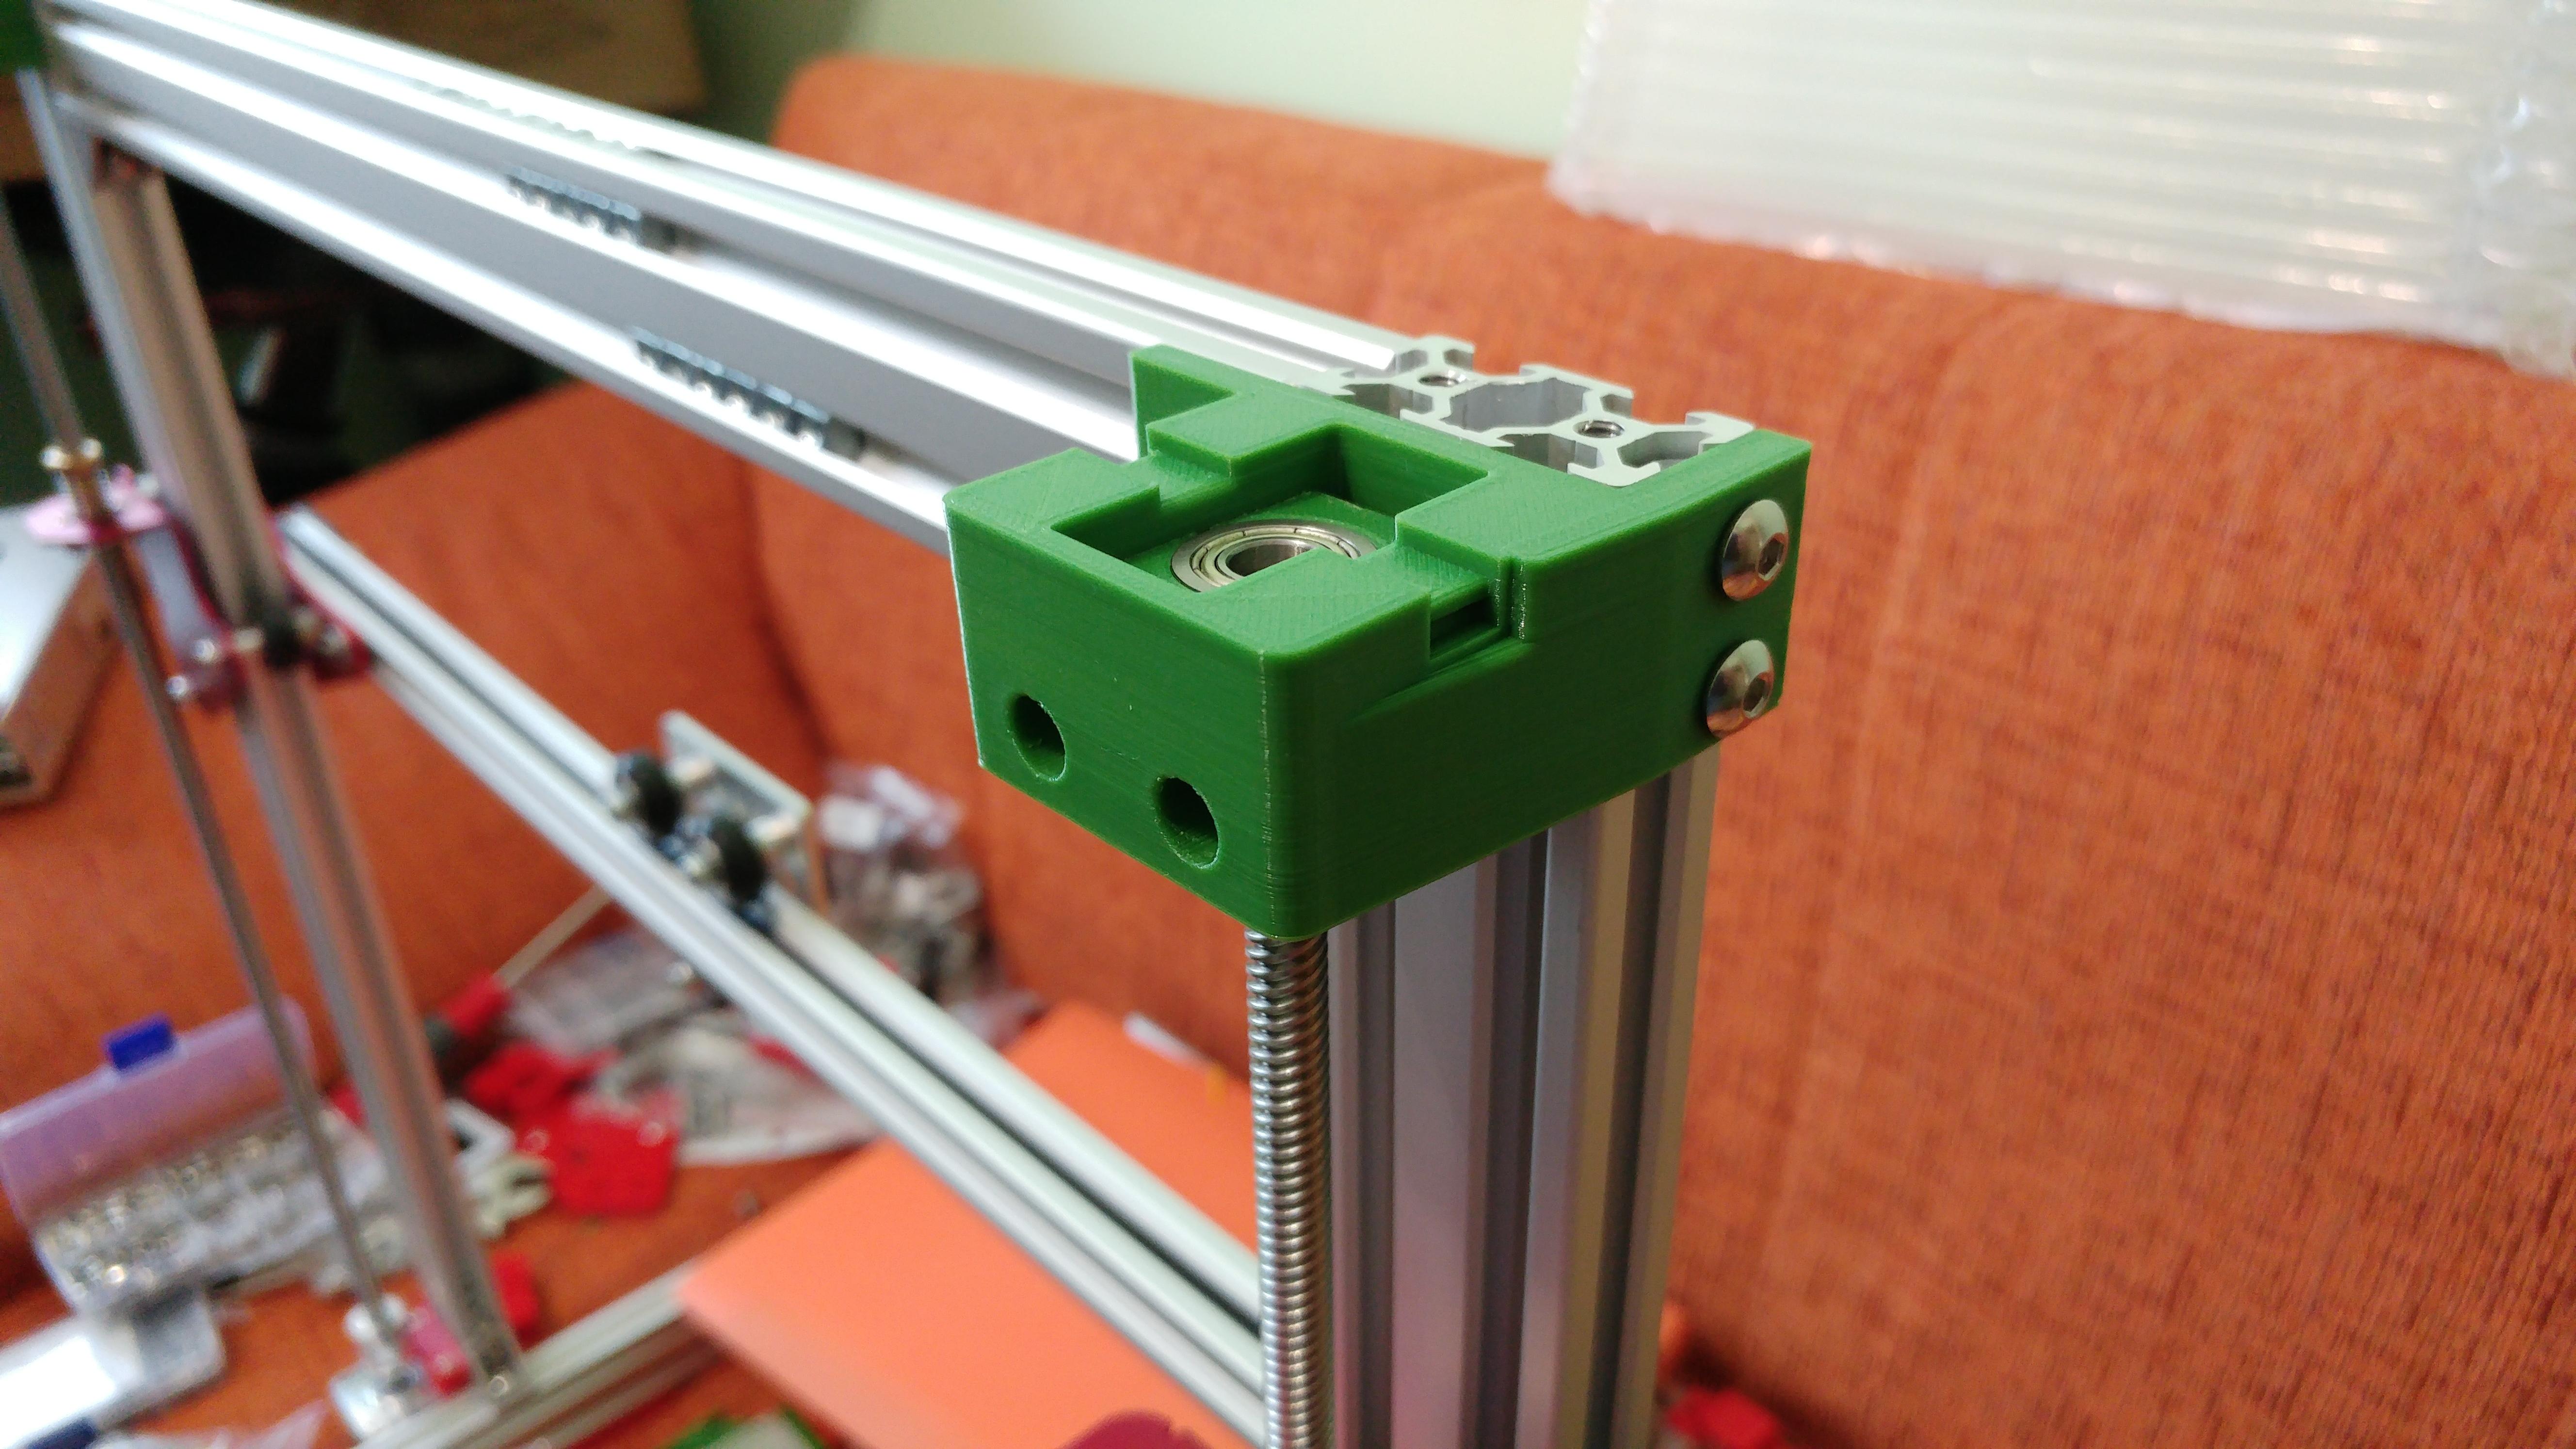 20190629_151603.jpg Télécharger fichier STL gratuit Parte Superior Husillo eje Z con muelle para perfil de aluminio 2040 • Plan imprimable en 3D, celtarra12